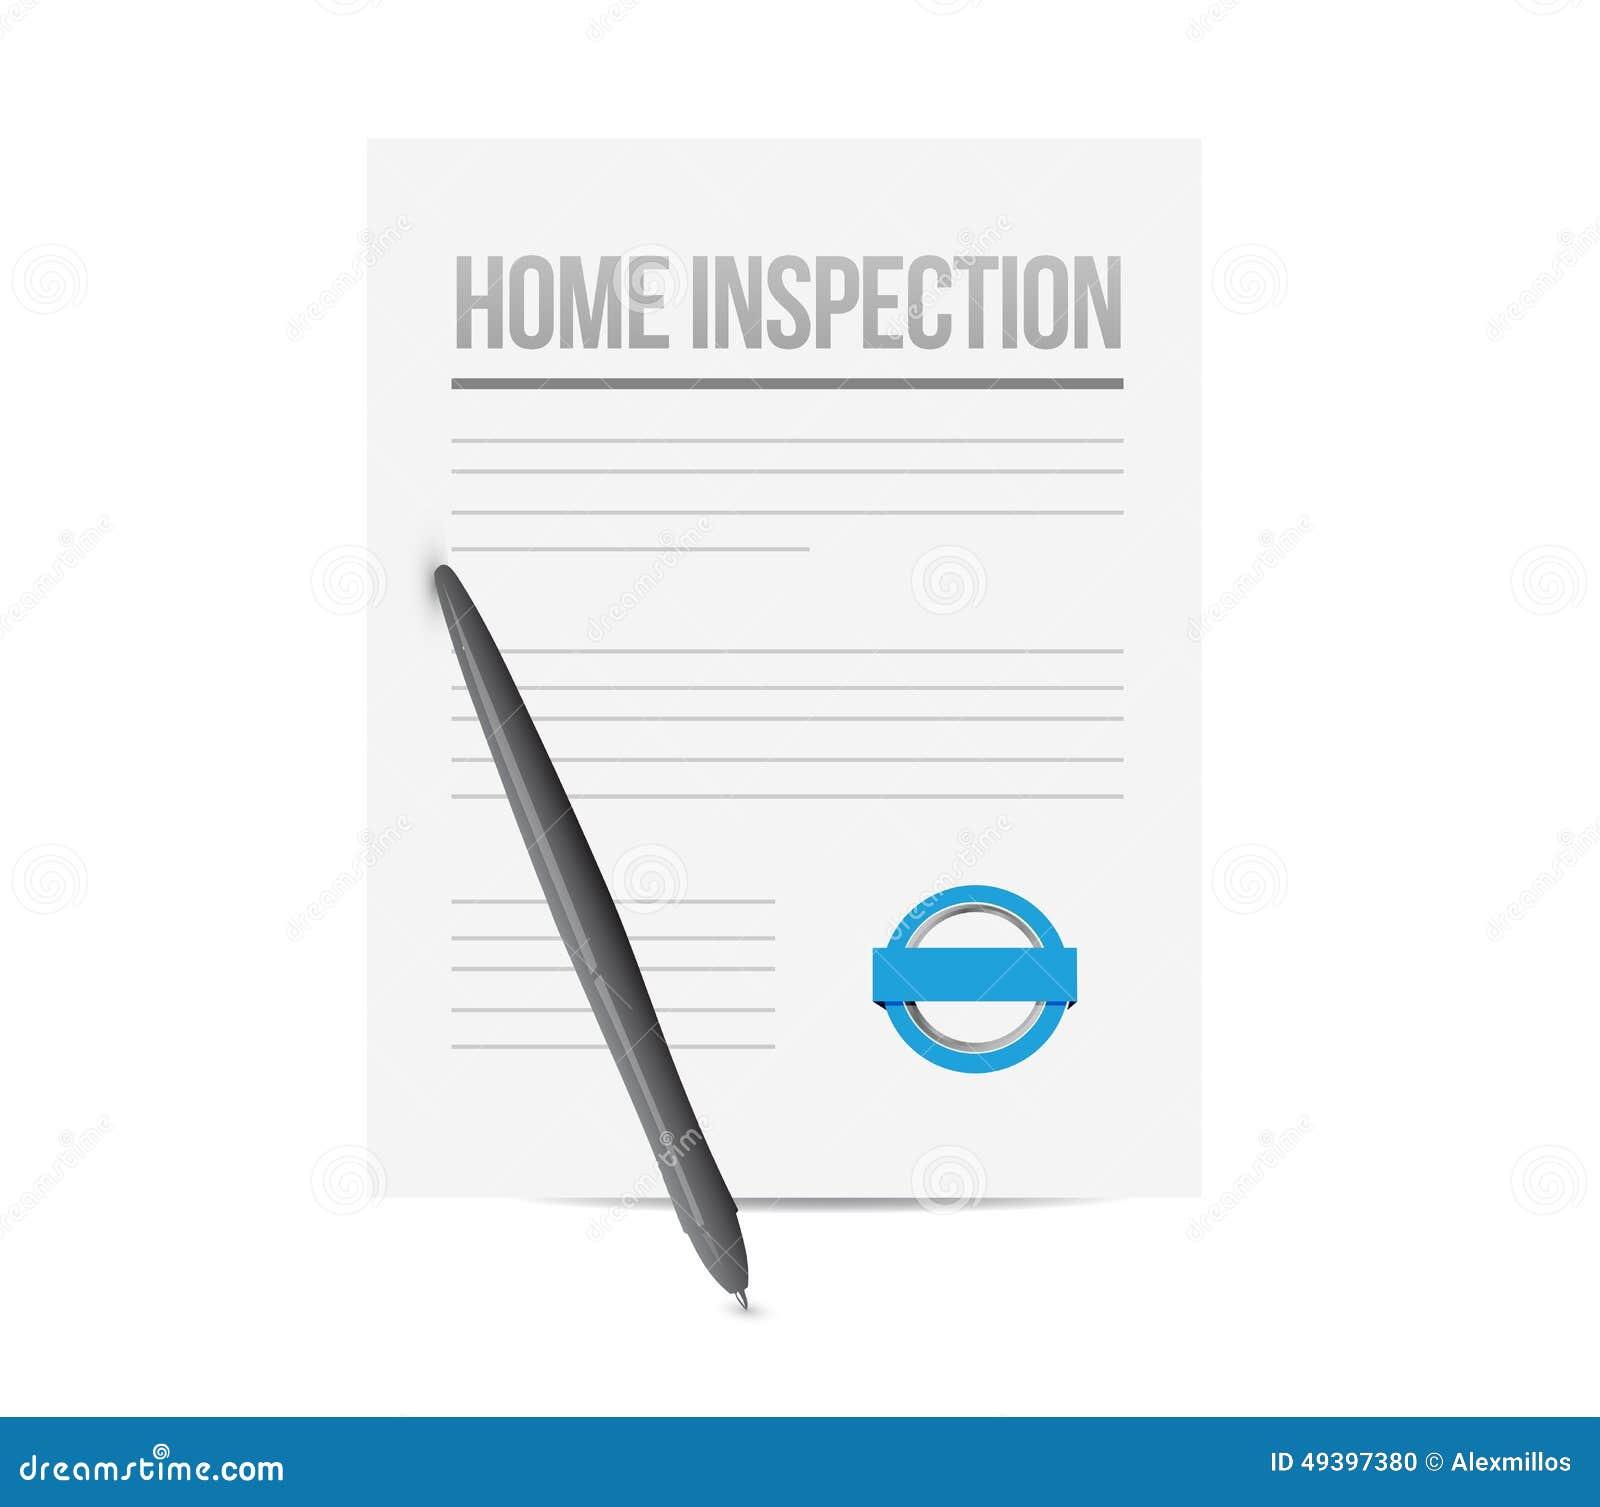 Home Inspection Paperwork Illustration Design